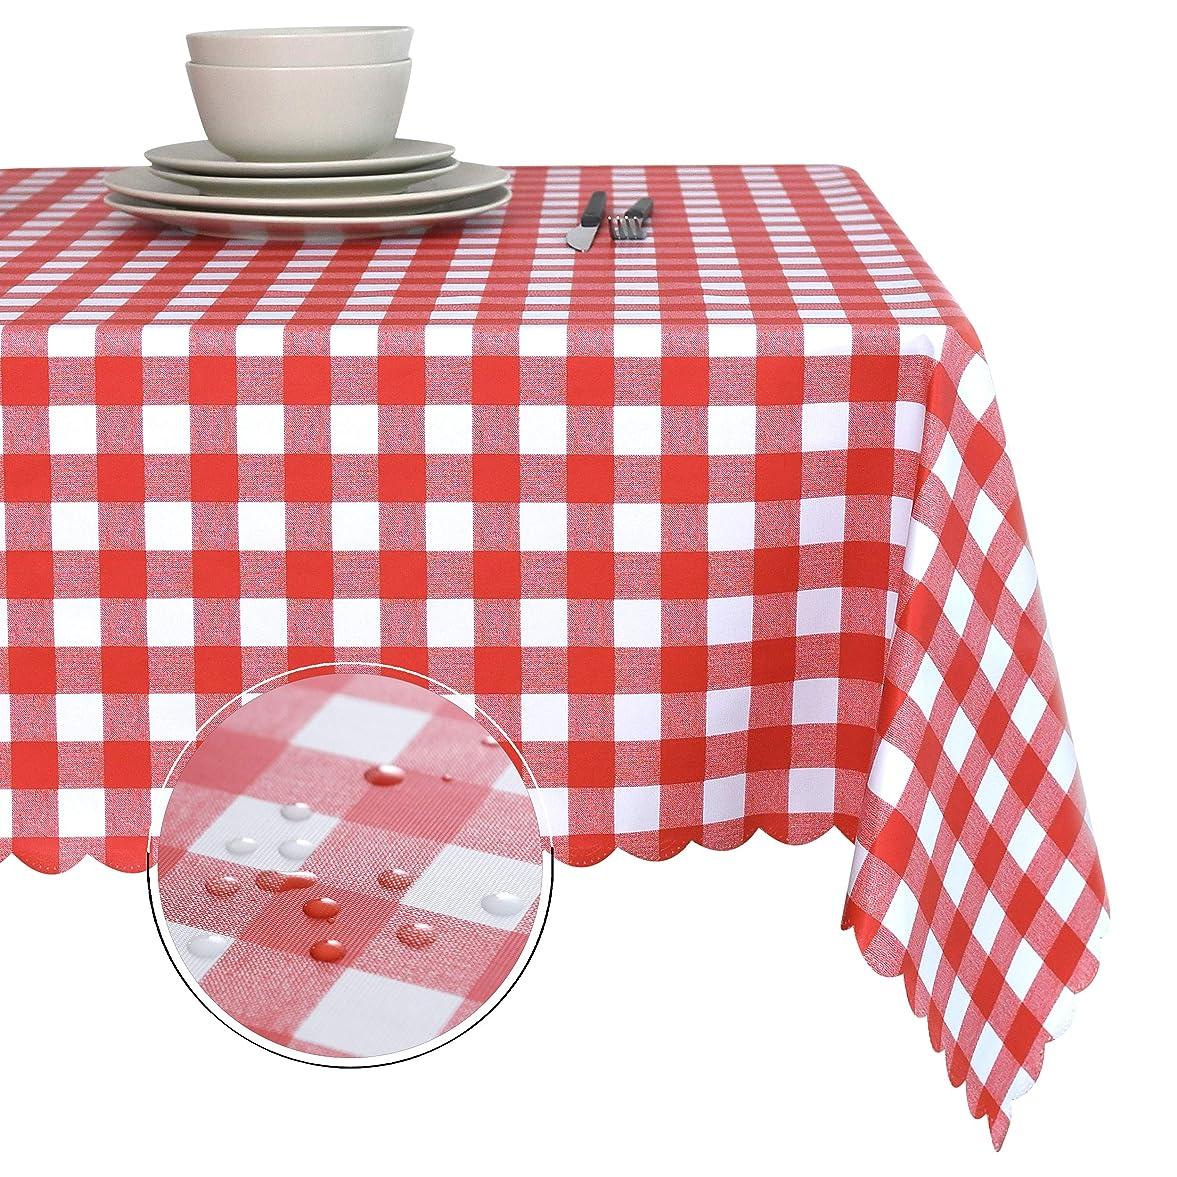 前売締める実際のObstal 長方形テーブルクロス 耐油性 こぼれ防止 防水 マイクロファイバーテーブルクロス 装飾ファブリックテーブルカバー 屋外?屋内用 54 x 78 Inch obt-pvc-checkered-red5478